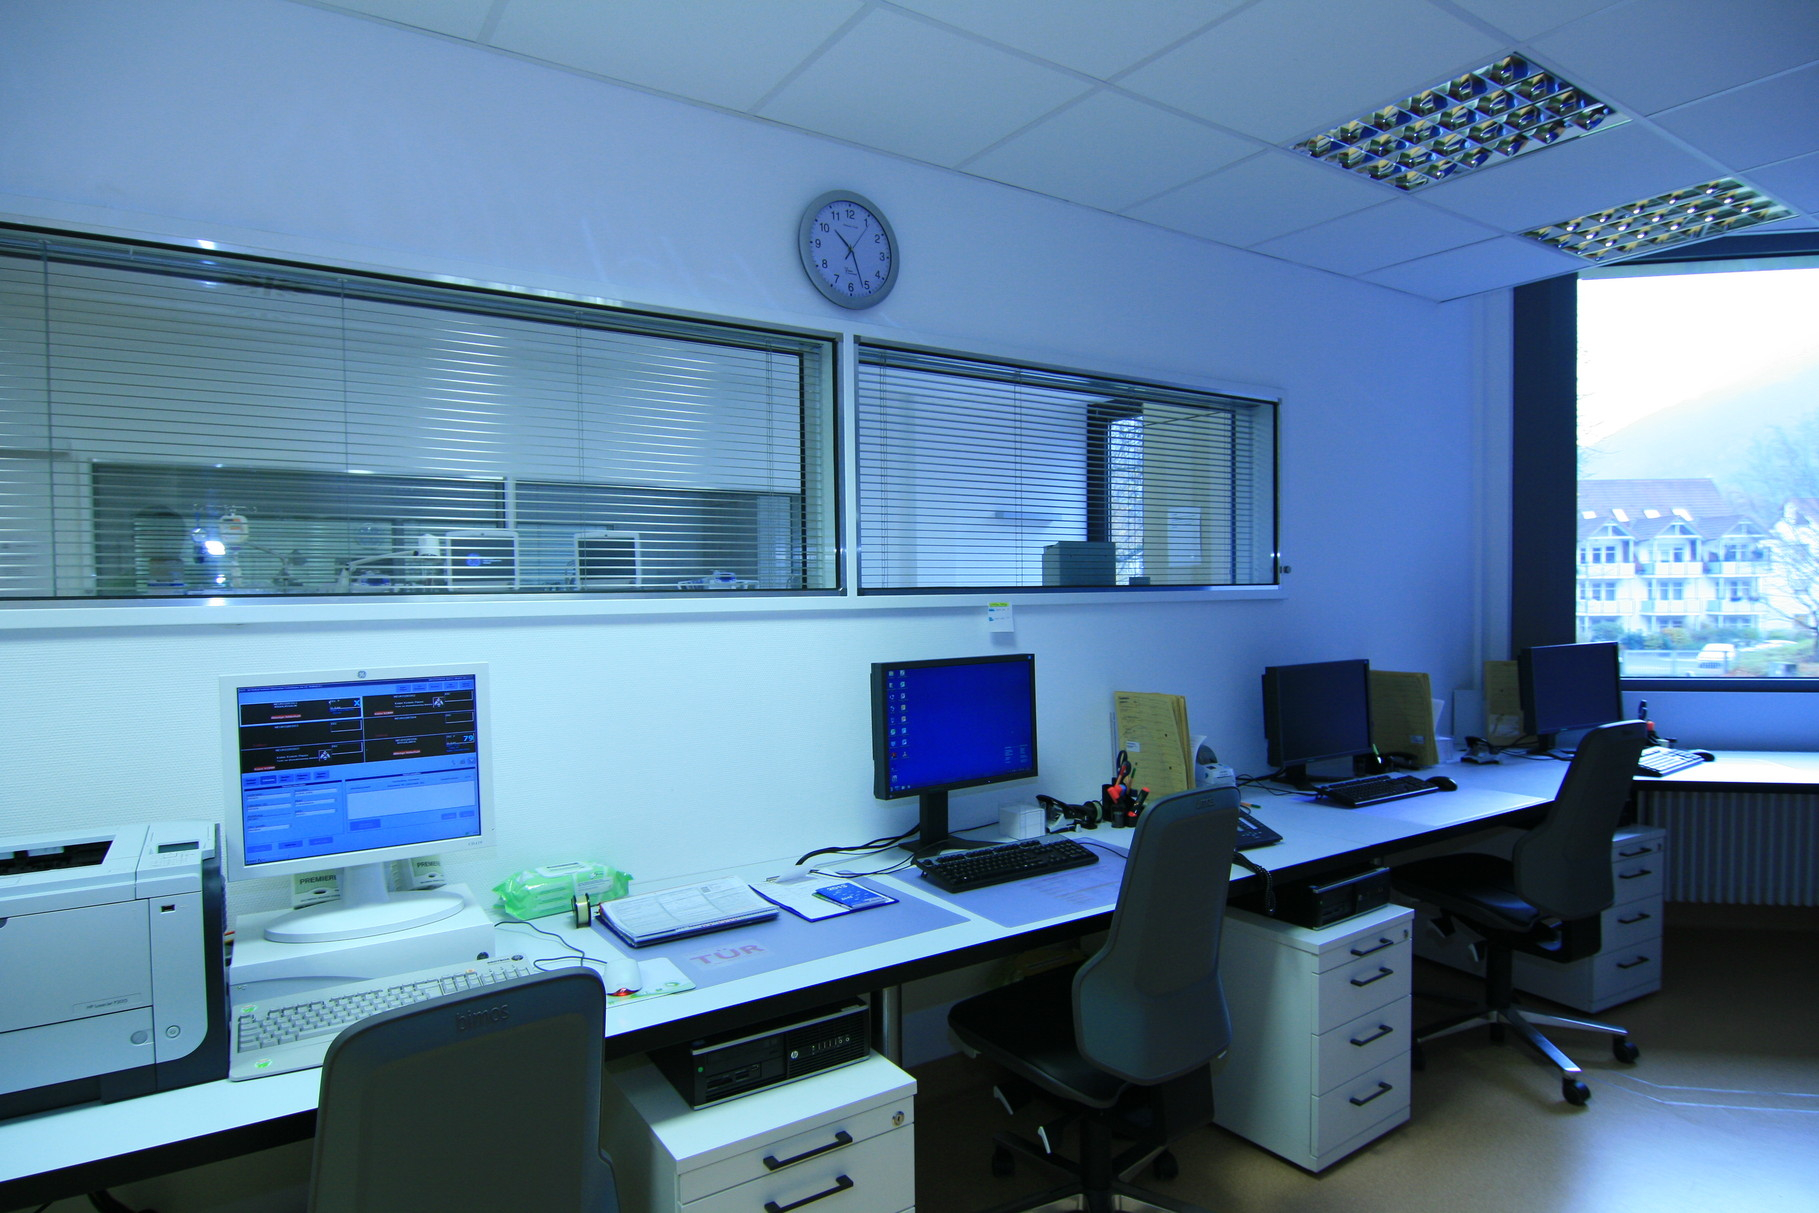 Bad Urach Reha Phase B - Dienstzimmer Überwachung